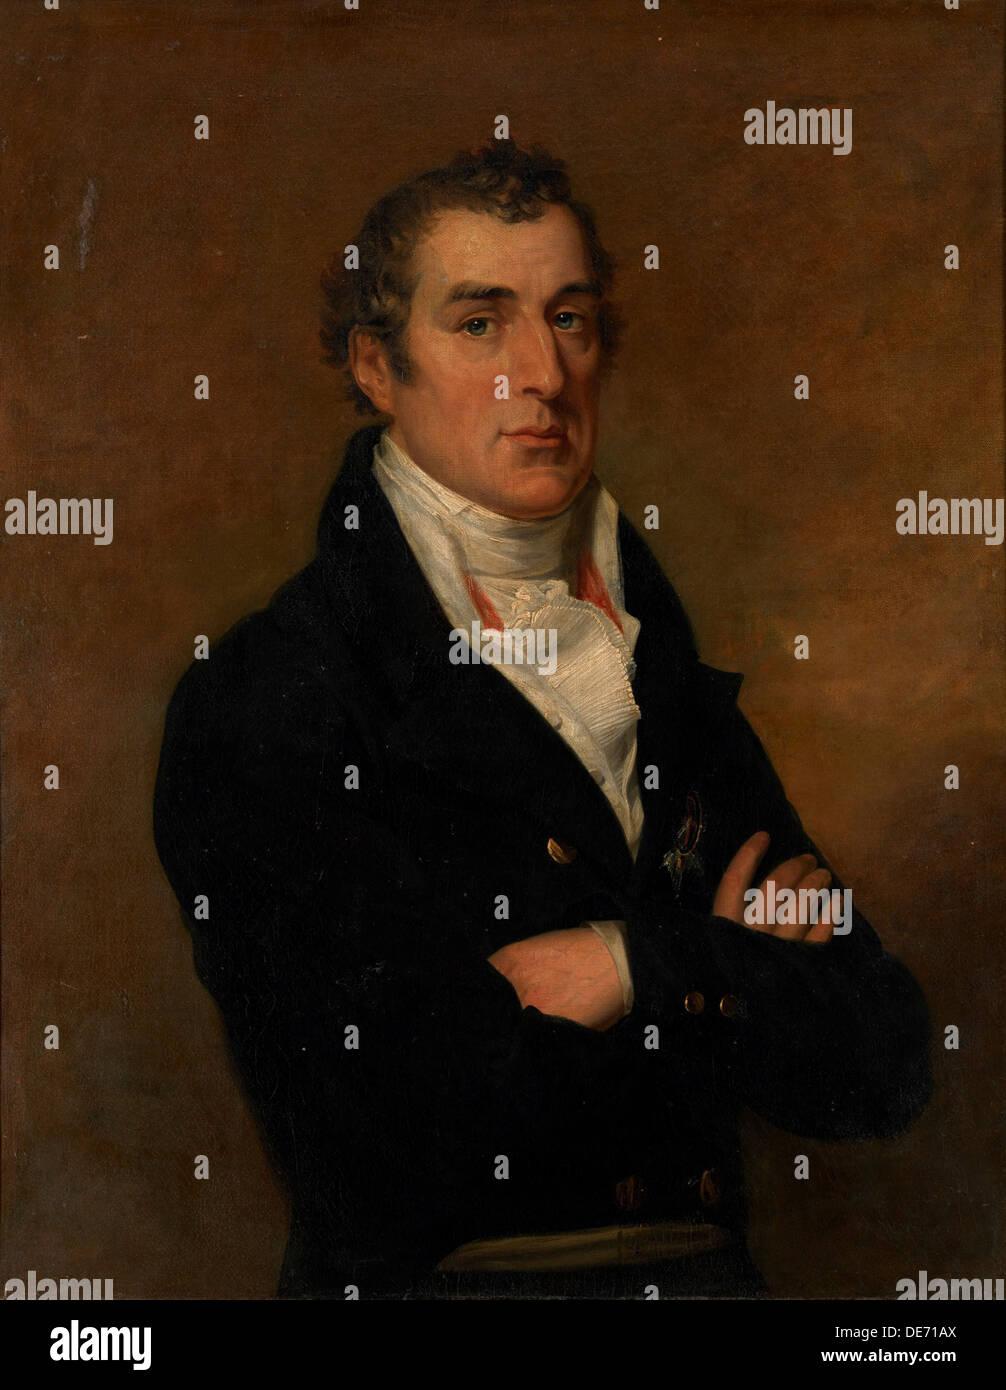 Portrait of Arthur Wellesley (1769-1852), 1st Duke of Wellington. Artist: Dawe, George (1781-1829) - Stock Image